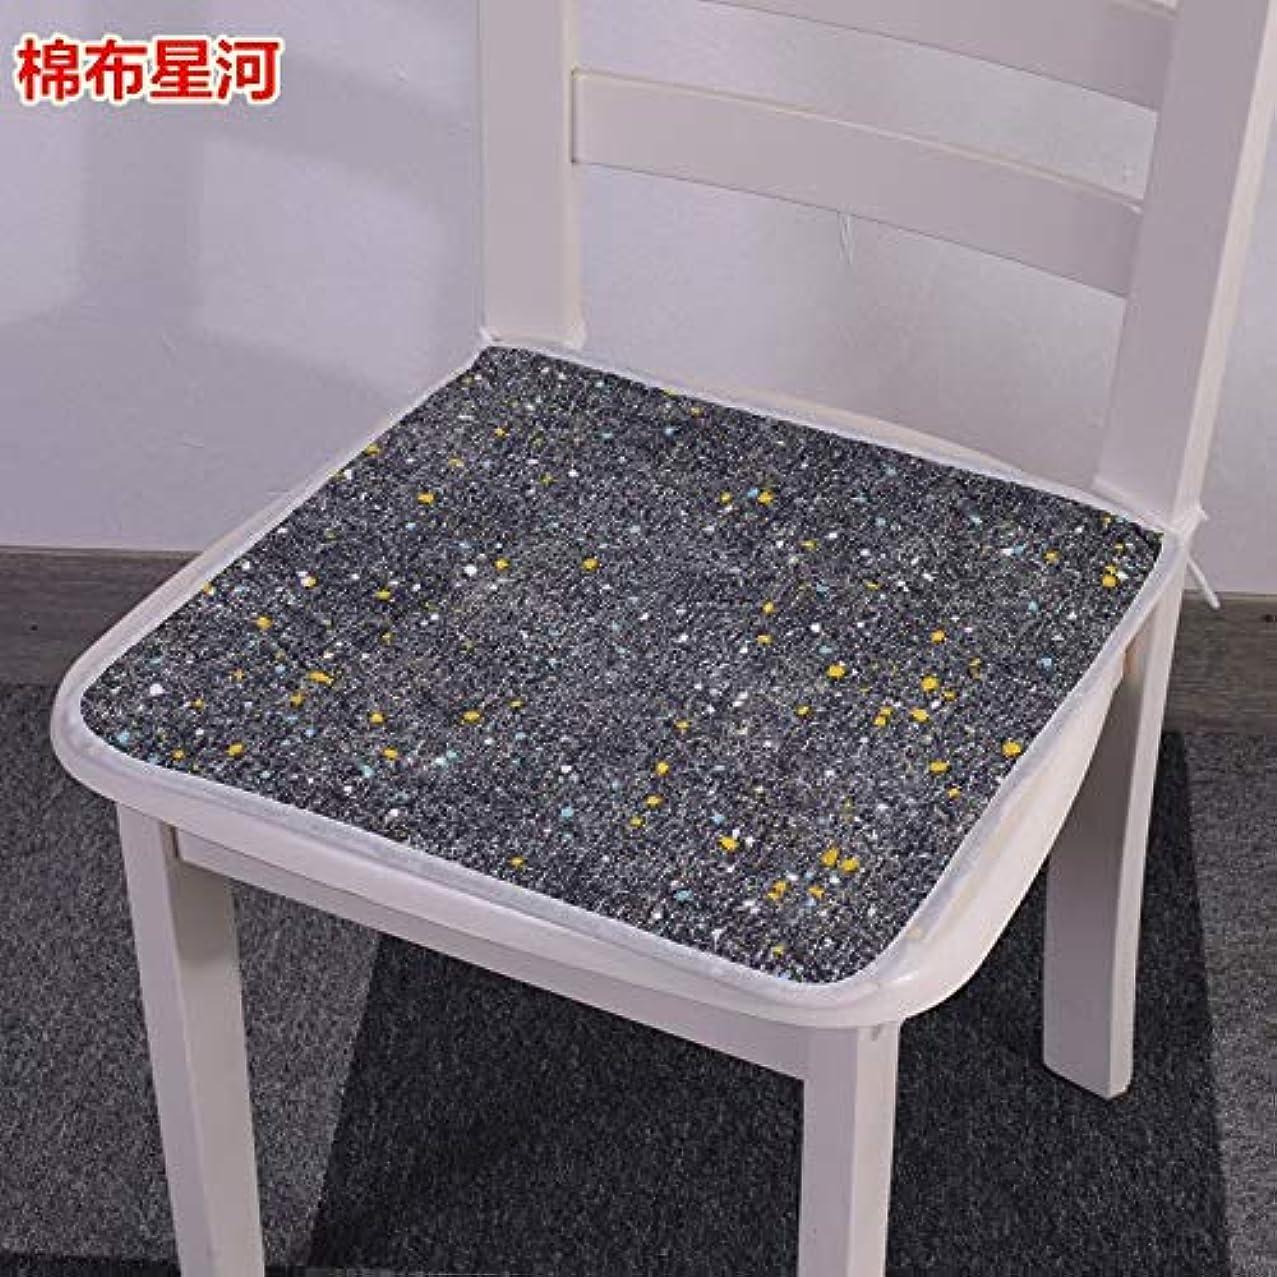 凶暴な初期リフレッシュLIFE 現代スーパーソフト椅子クッション非スリップシートクッションマットソファホームデコレーションバッククッションチェアパッド 40*40/45*45/50*50 センチメートル クッション 椅子